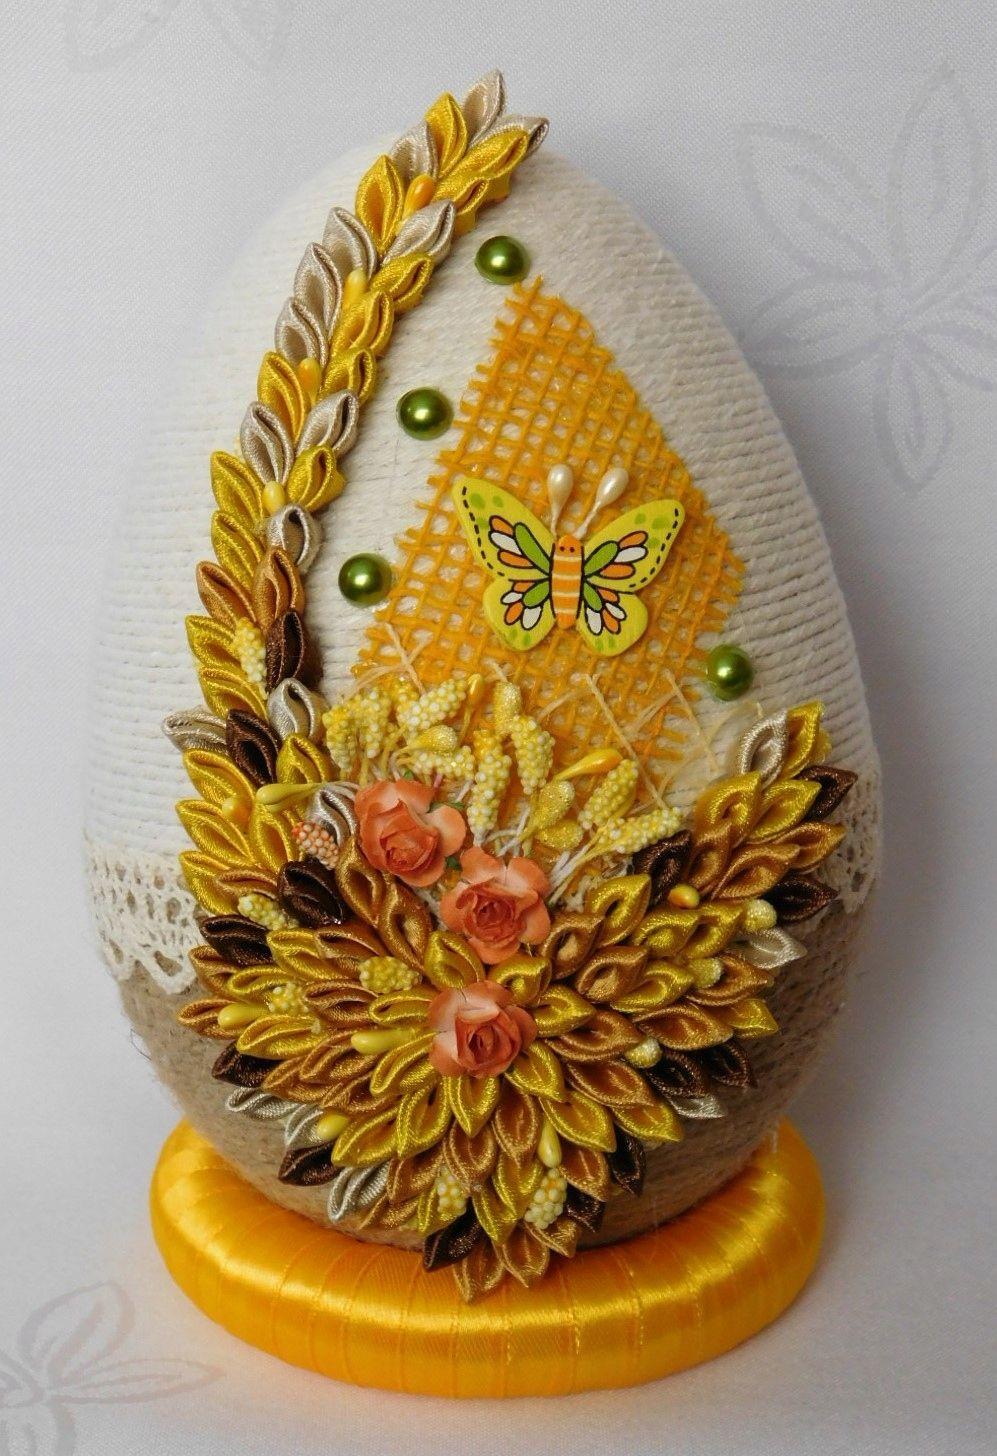 Duze Jajko Pisanka Ozdoby Wielkanocne Rekodzielo 7784856406 Oficjalne Archiwum Allegro Easy Crafts For Teens Silk Ribbon Embroidery Easter Egg Decorating